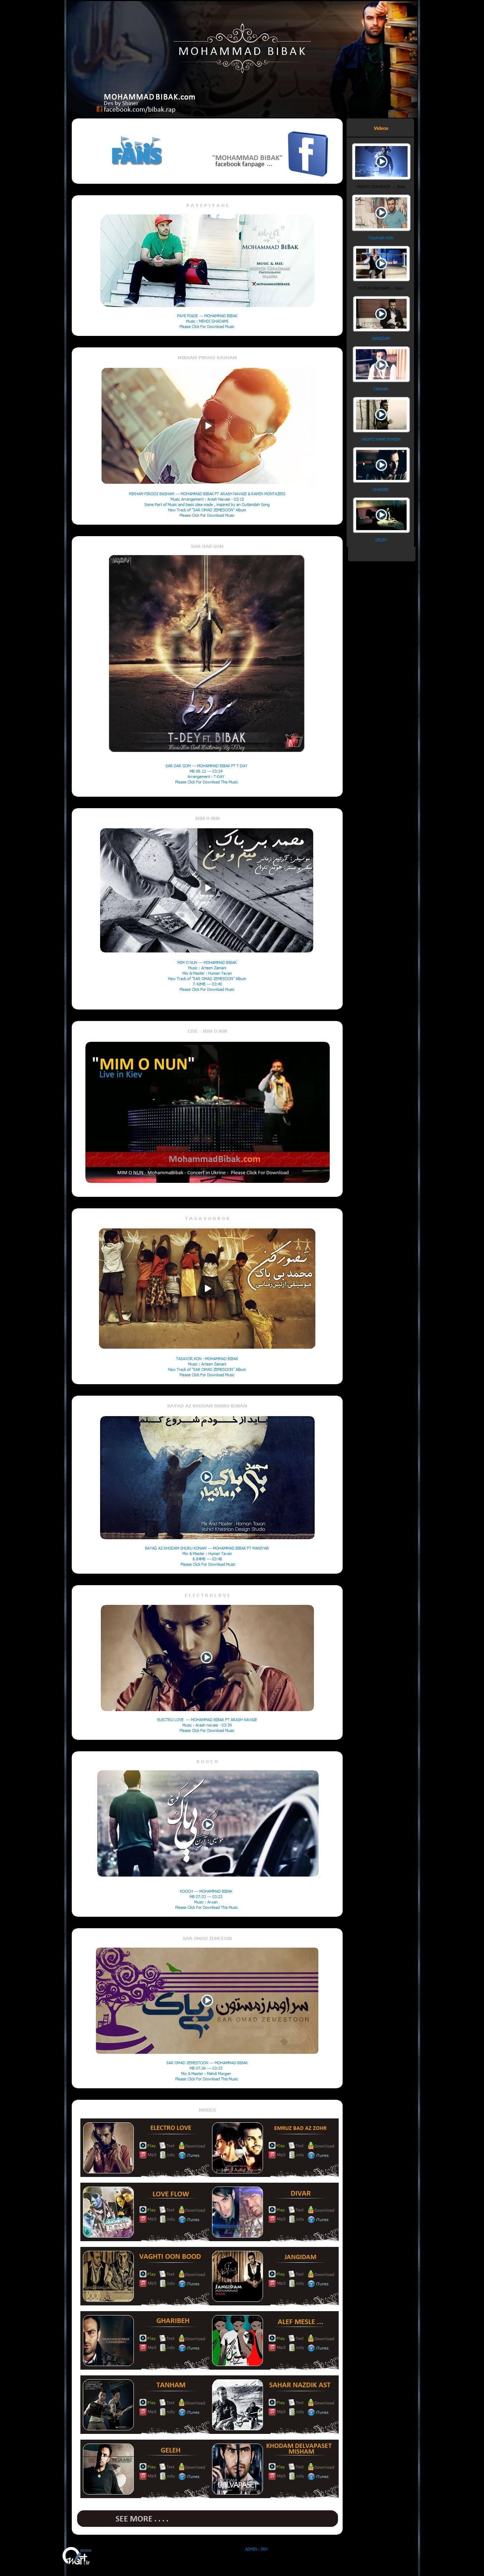 www.mohammadbibak.com